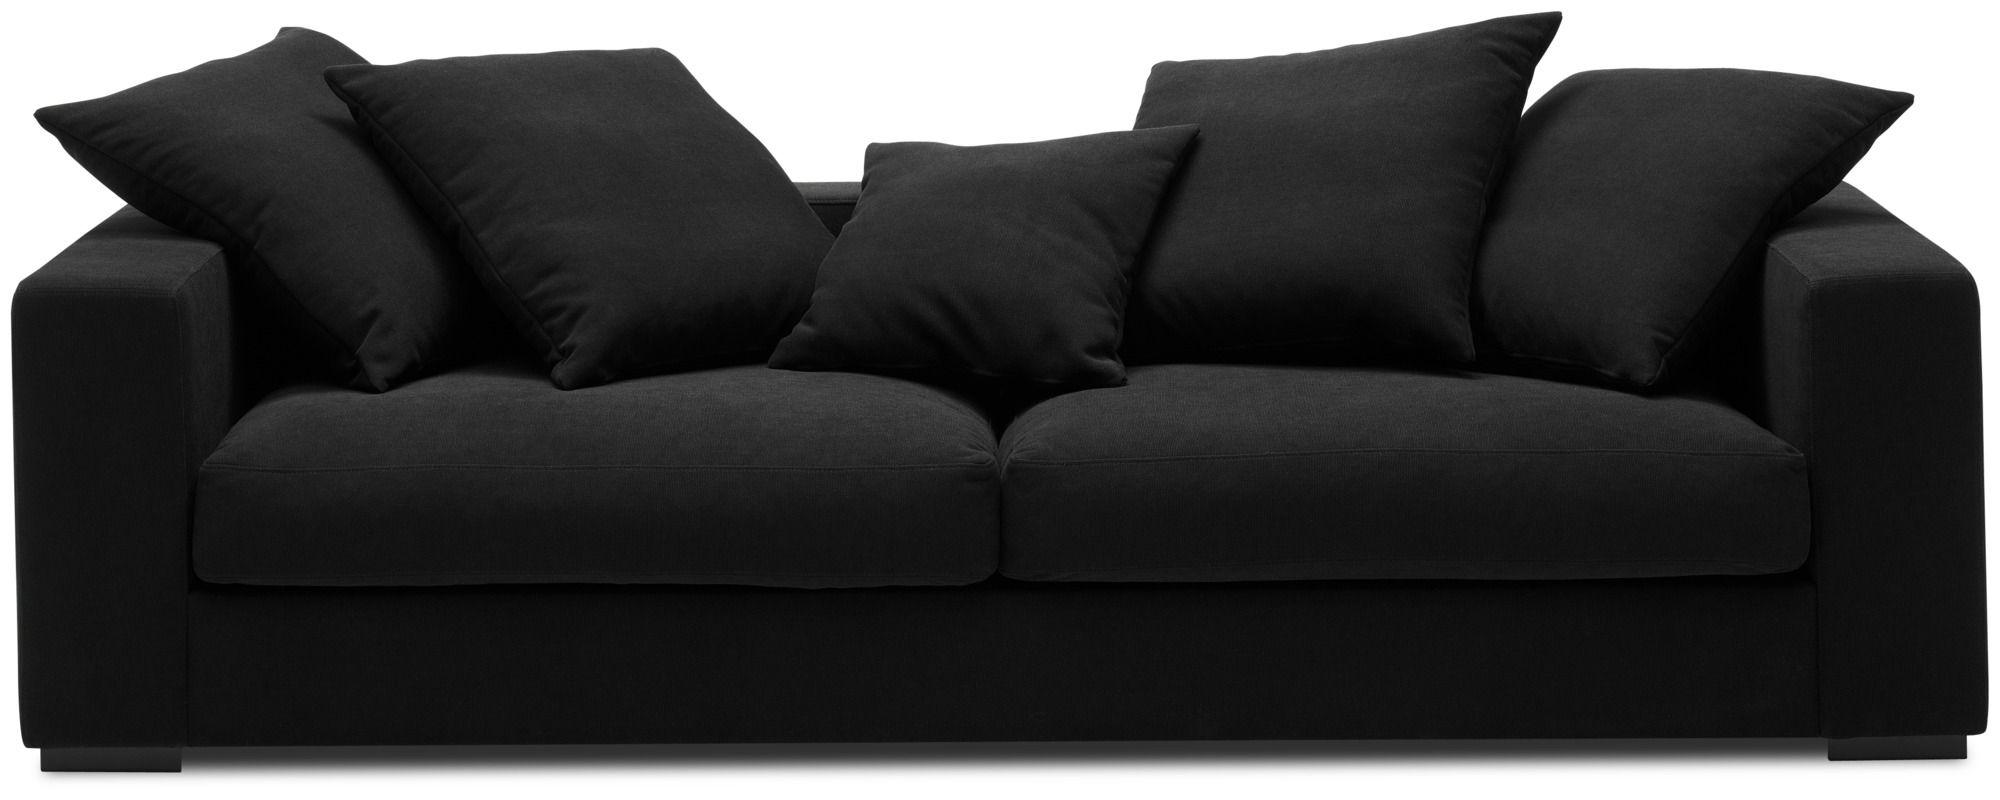 BoConcept Cenova Sofa - Design Sofa - Qualität von BoConcept®